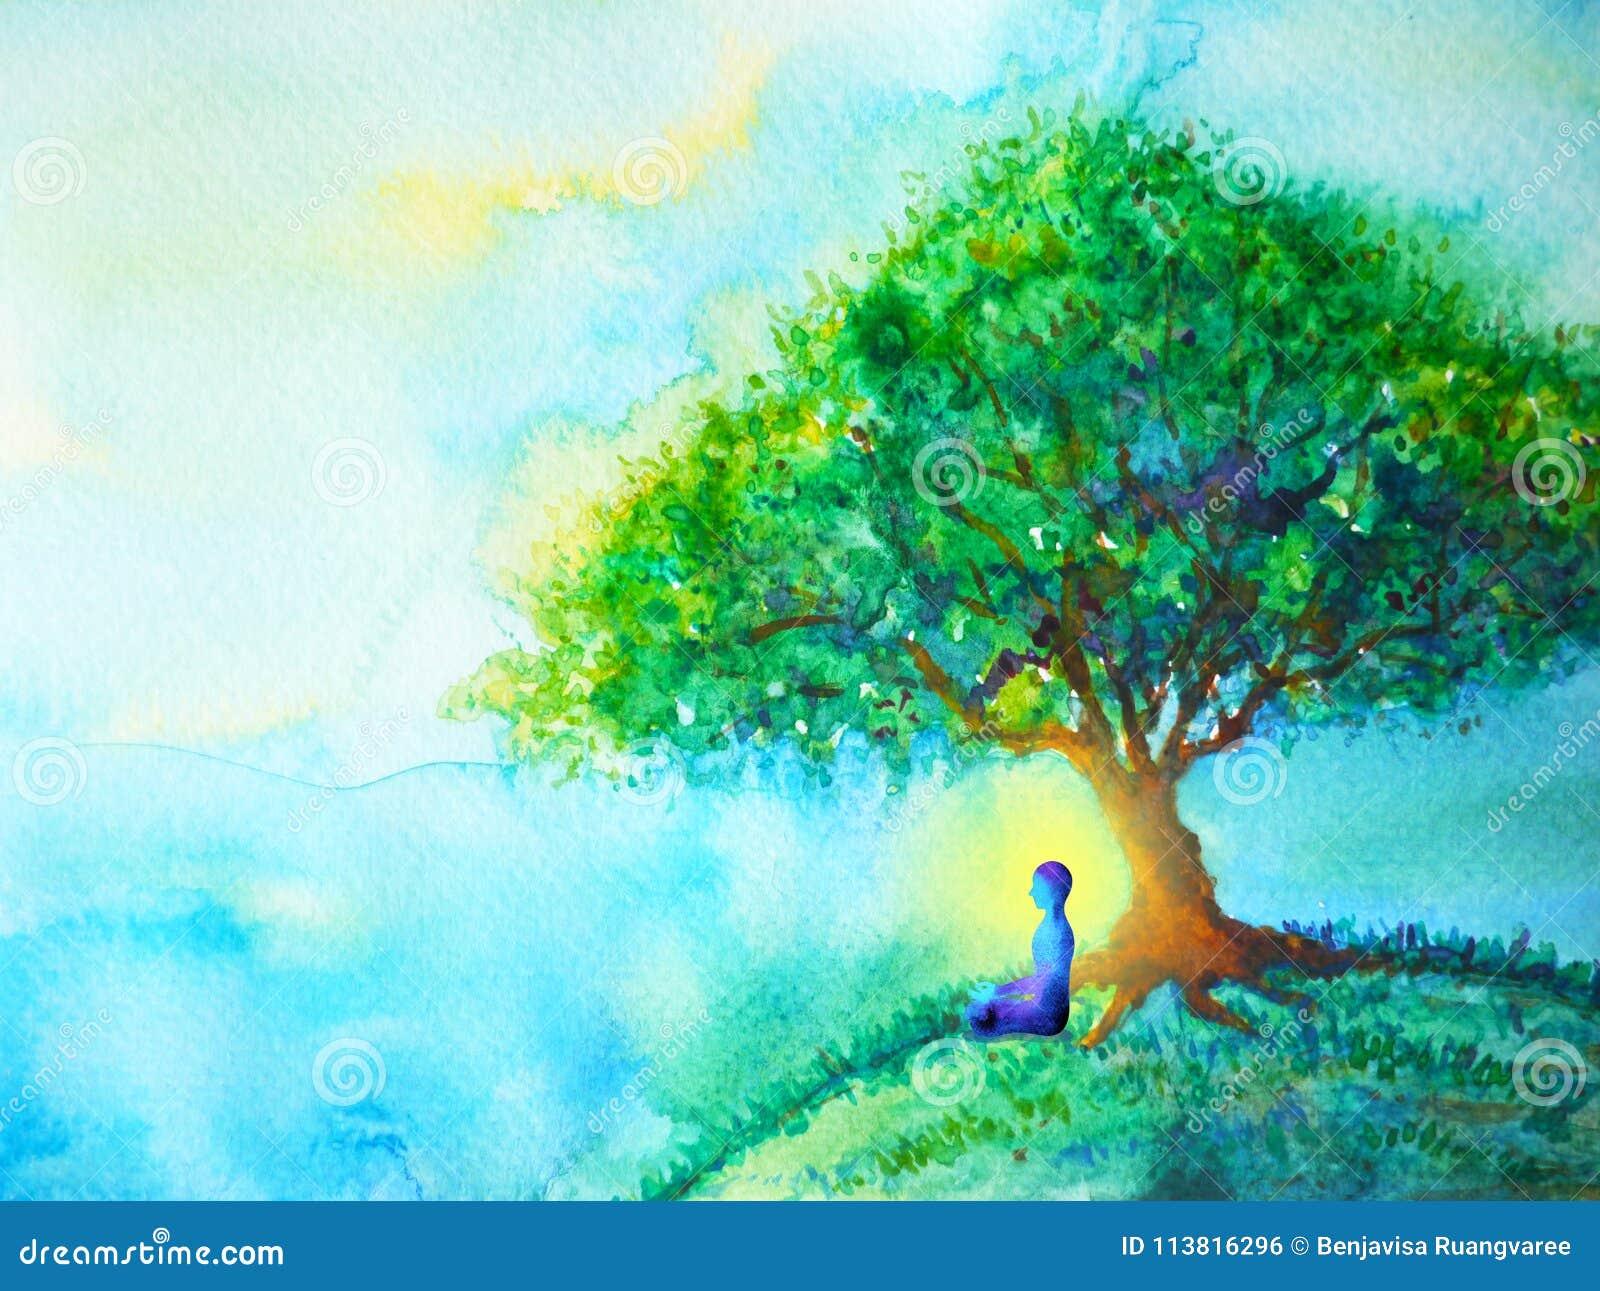 蓝色颜色chakra人的莲花姿势瑜伽,抽象世界,在您的头脑里面的宇宙